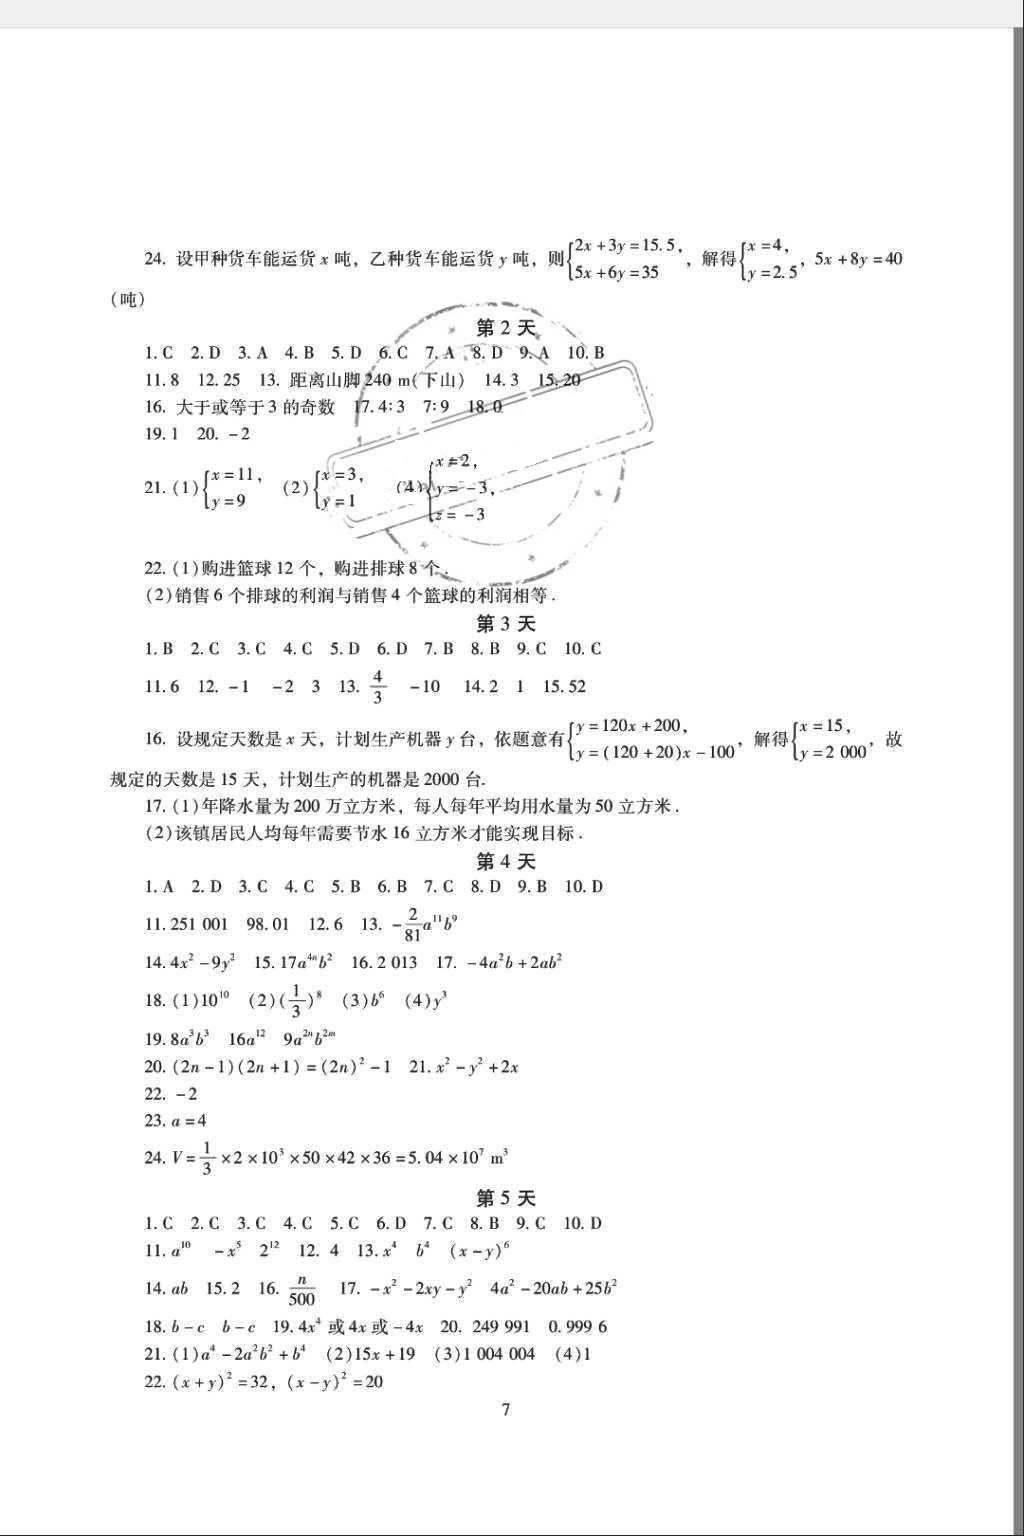 2018年暑假生活七年级语文数学英语湖南少年儿童出版社第8页